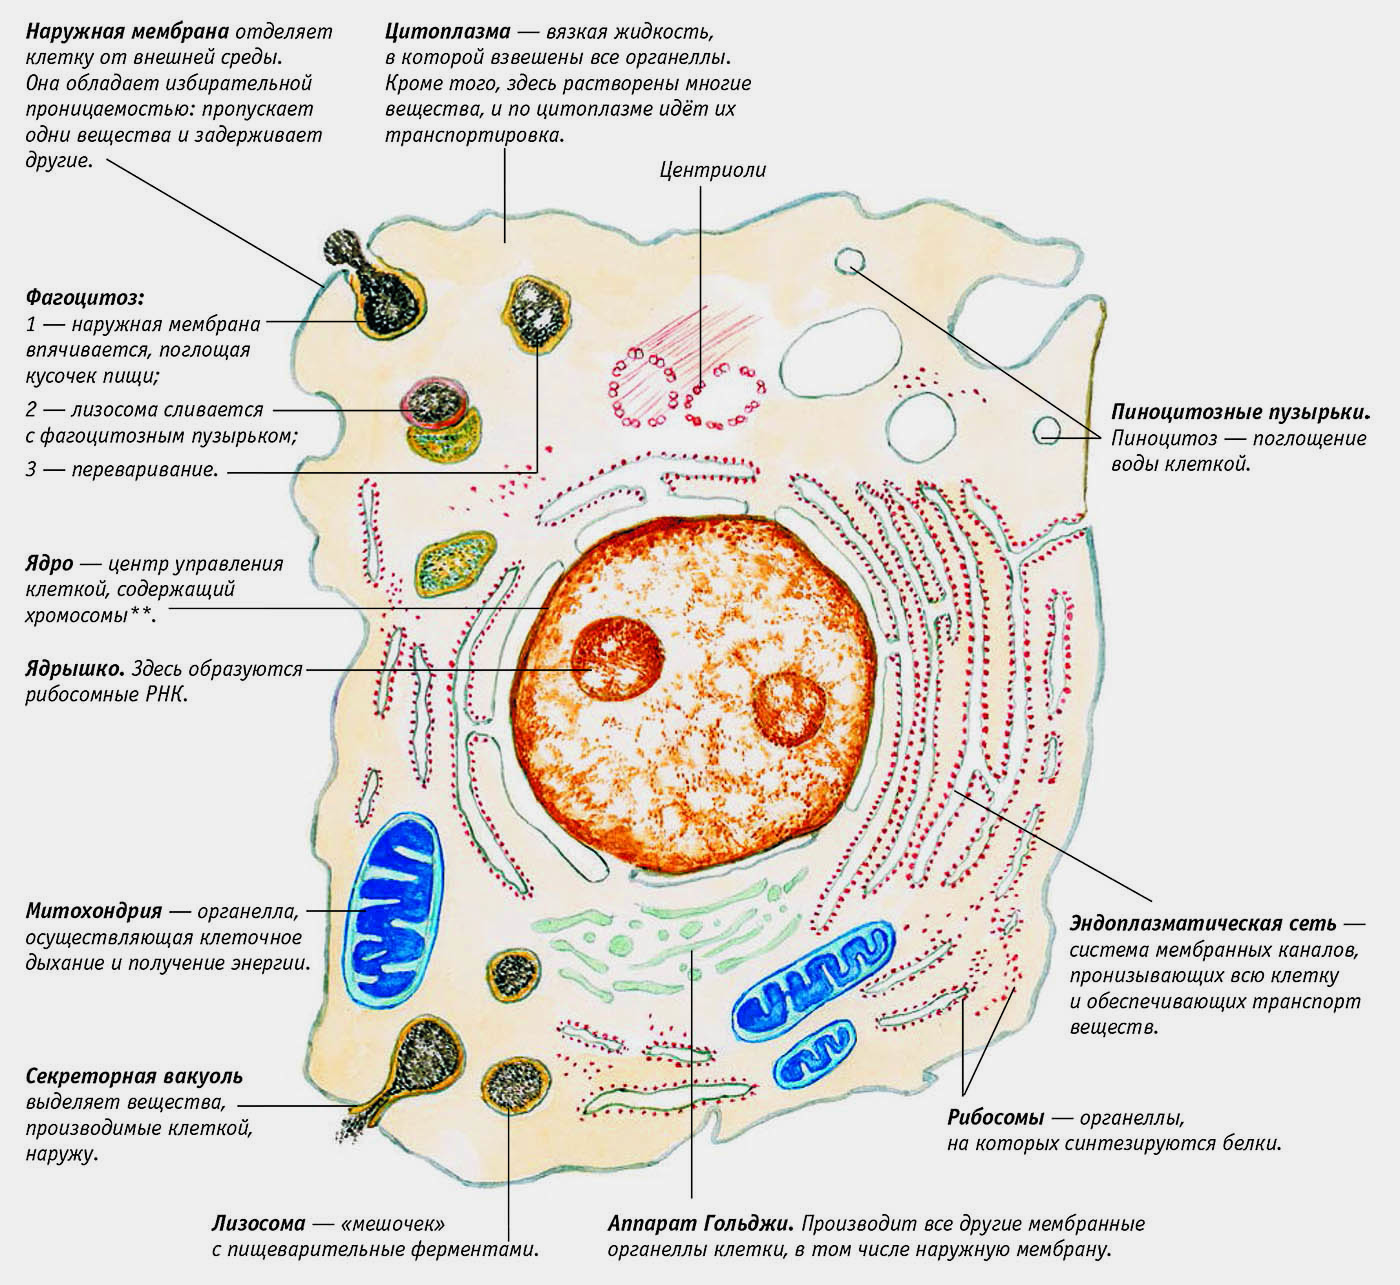 Что такое органоиды?